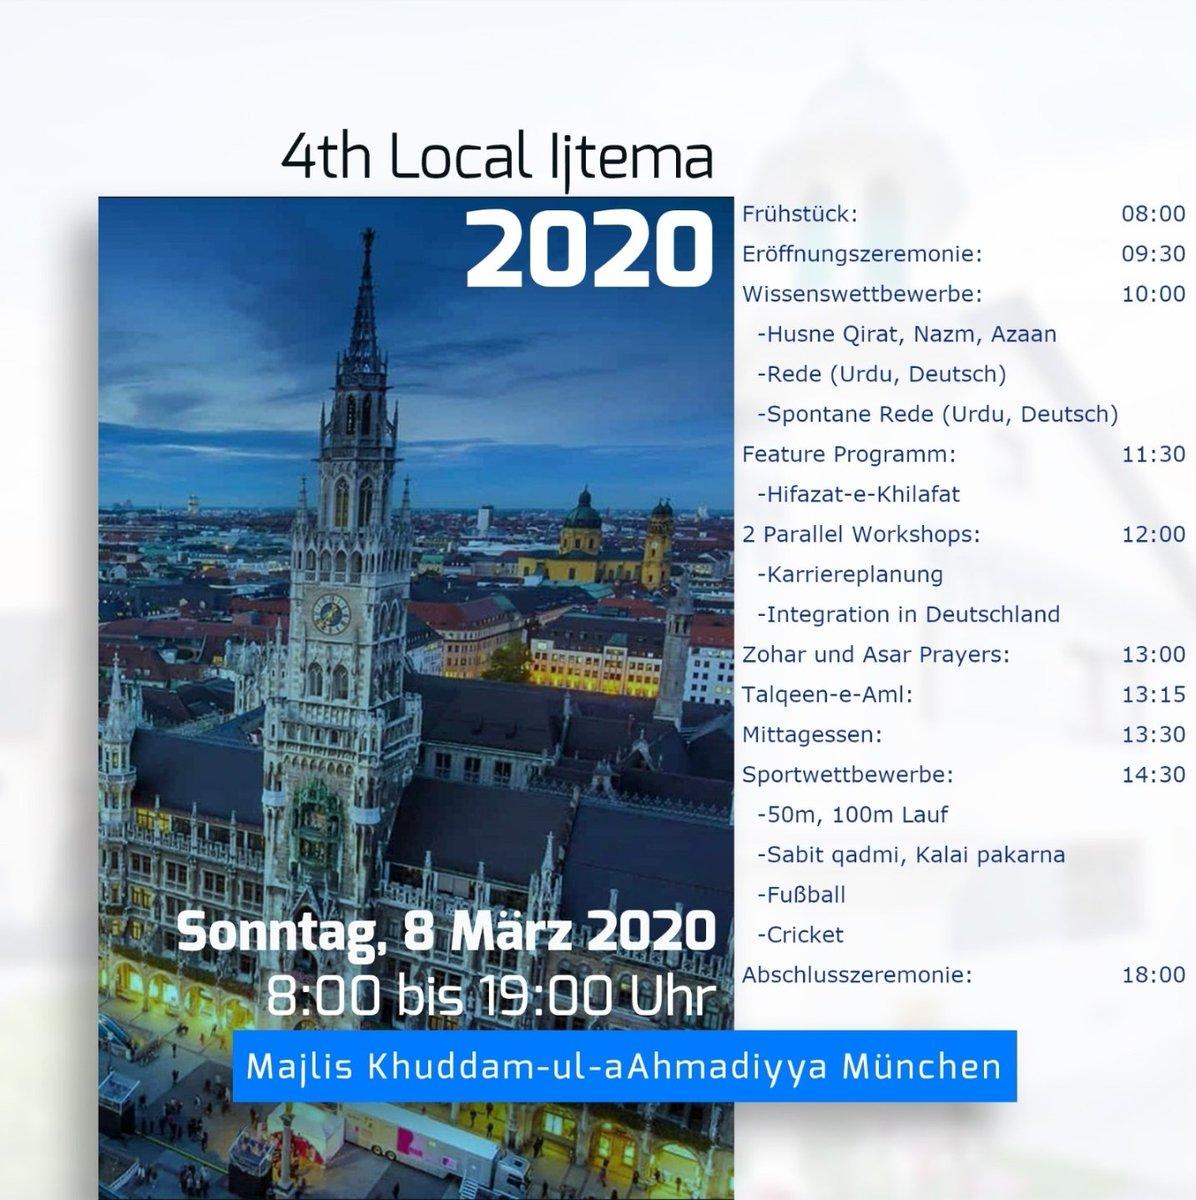 Am 08. März 2020 wird InshAllah das 4. Lokale Ijtema der Majlis München stattfinden!  #SeiDabei @KhuddamDEpic.twitter.com/24YshyIeOM